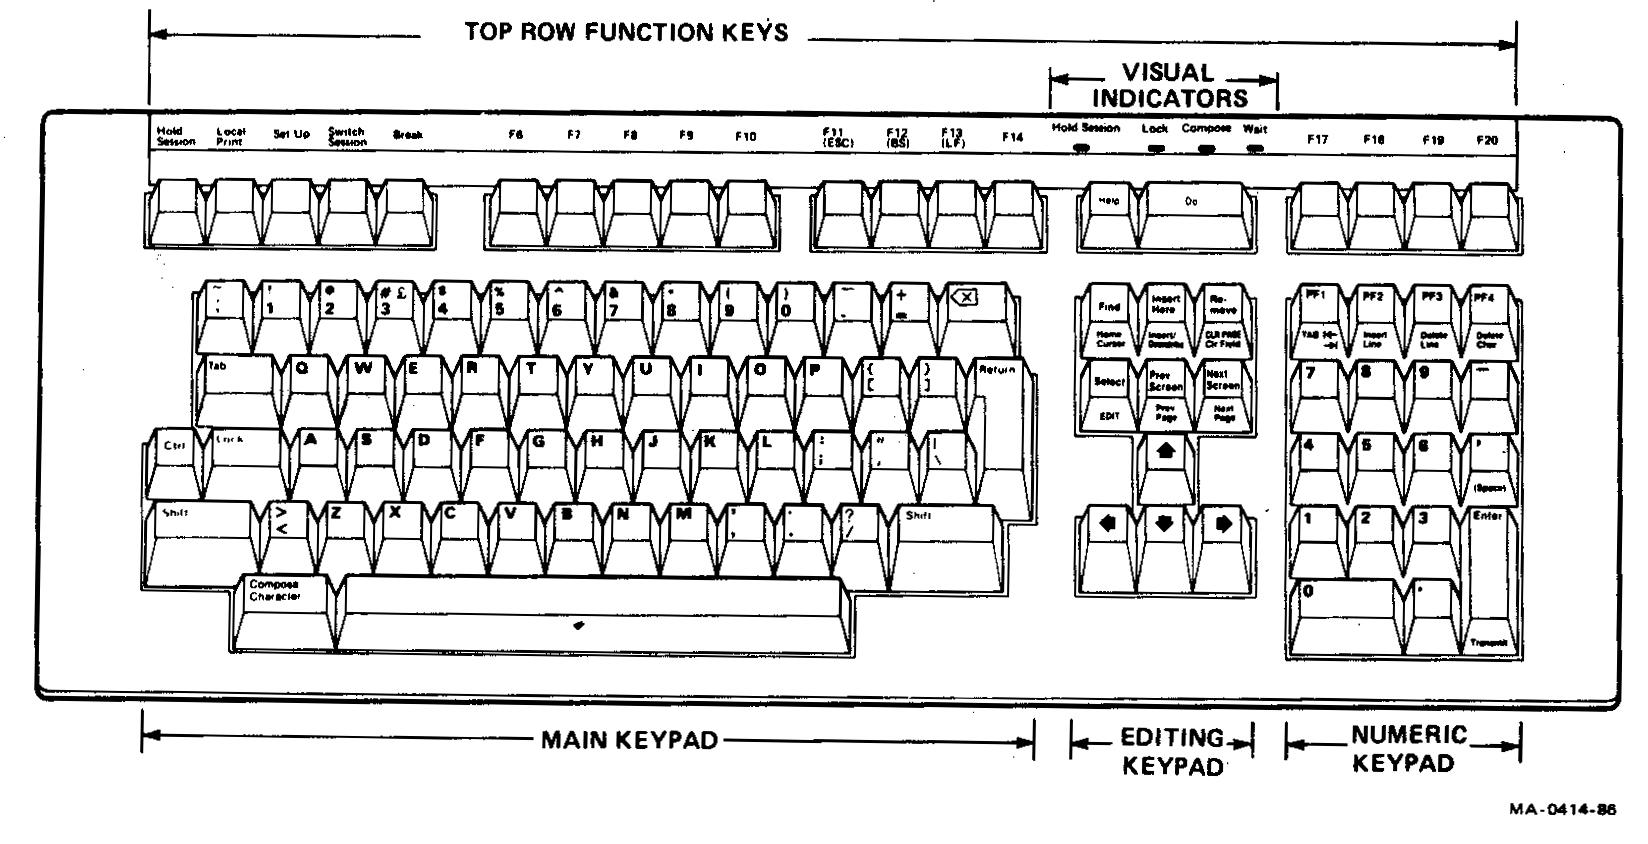 Kermit 95 Vt220 320 F Keys